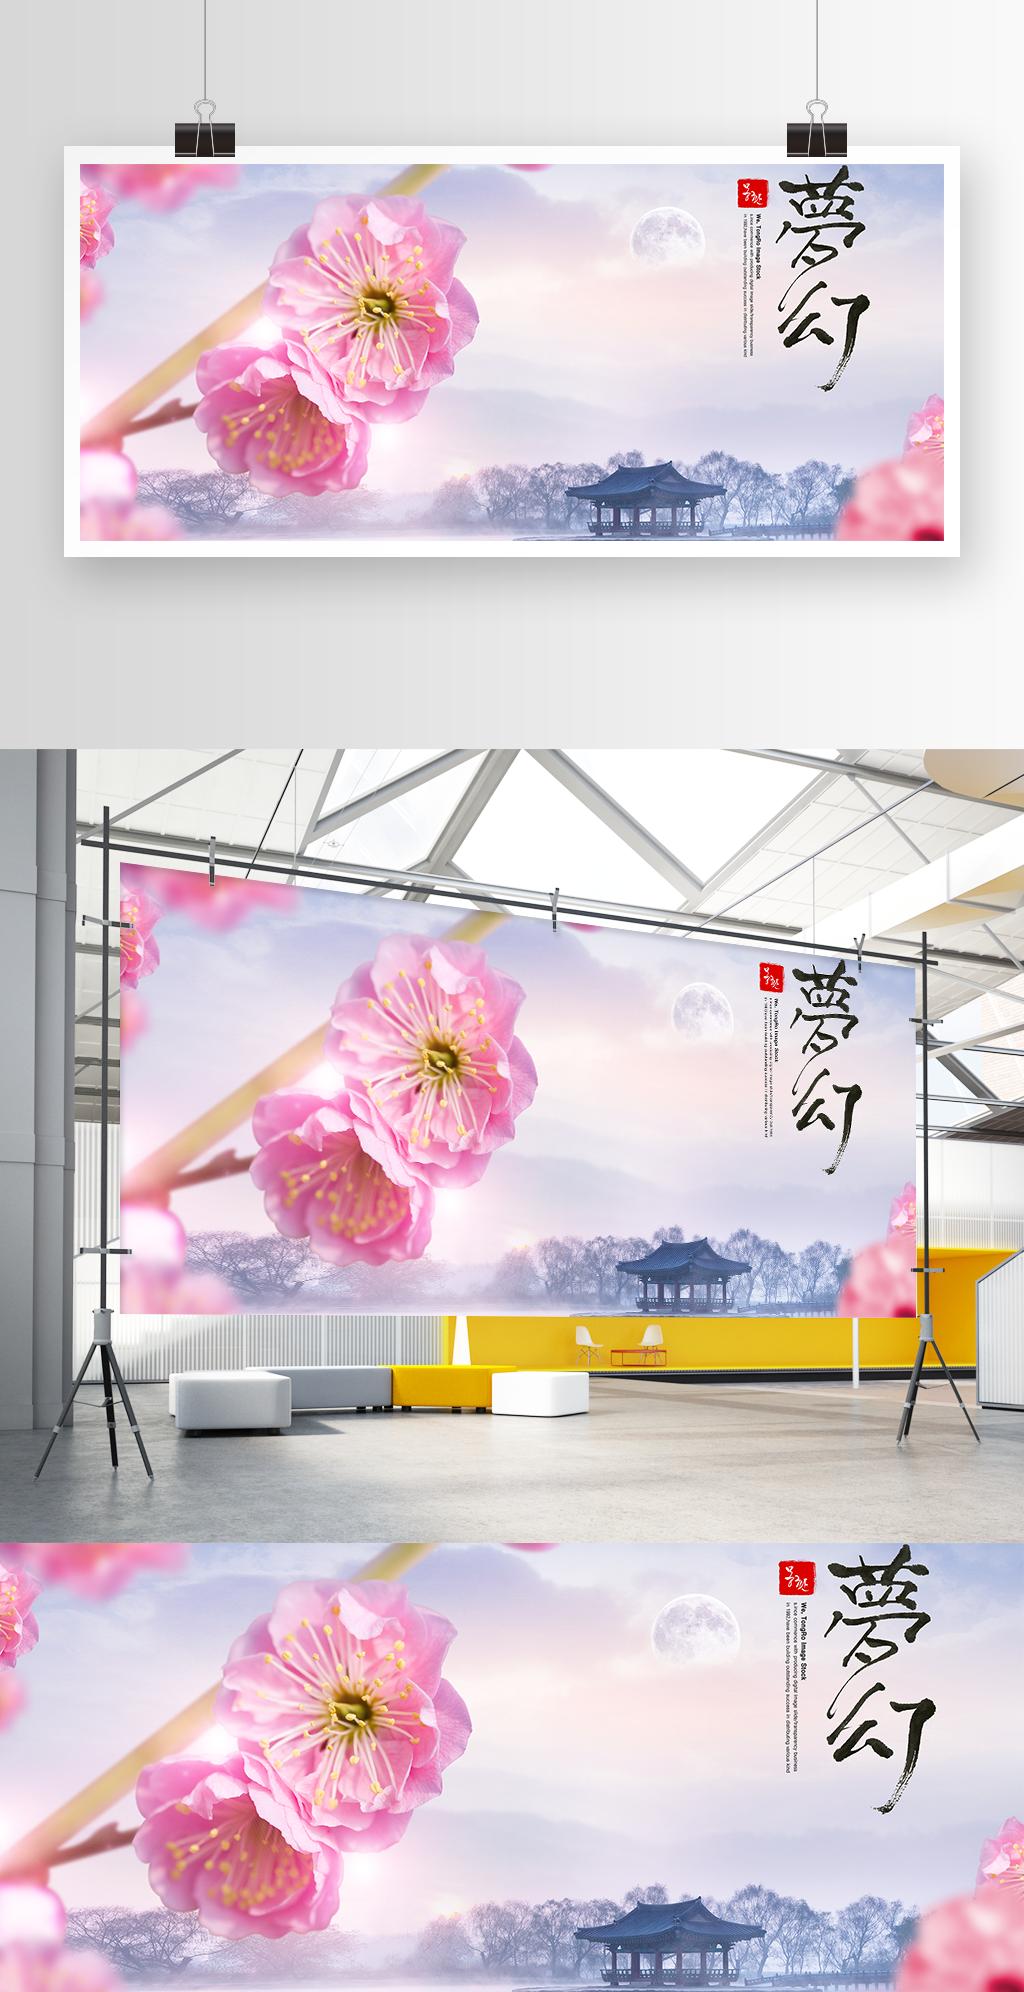 游戏梦幻桃花浪漫场景古代建筑海报素材